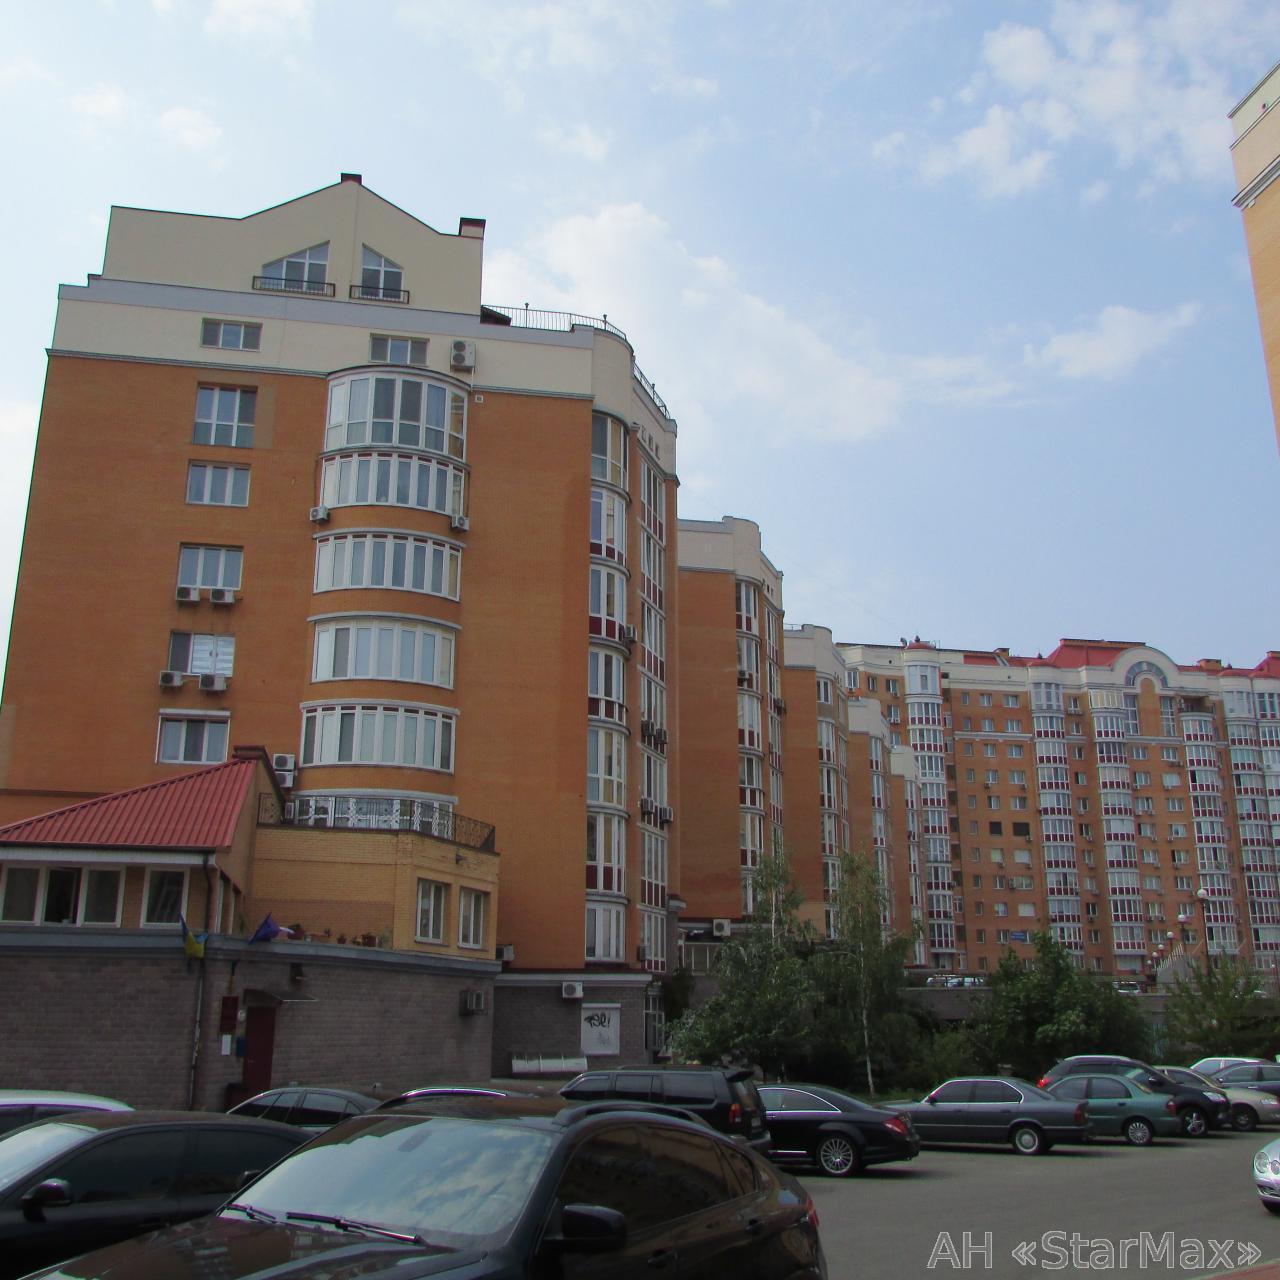 Фото 4 - Продам офис в многоквартирном доме Киев, Героев Сталинграда пр-т